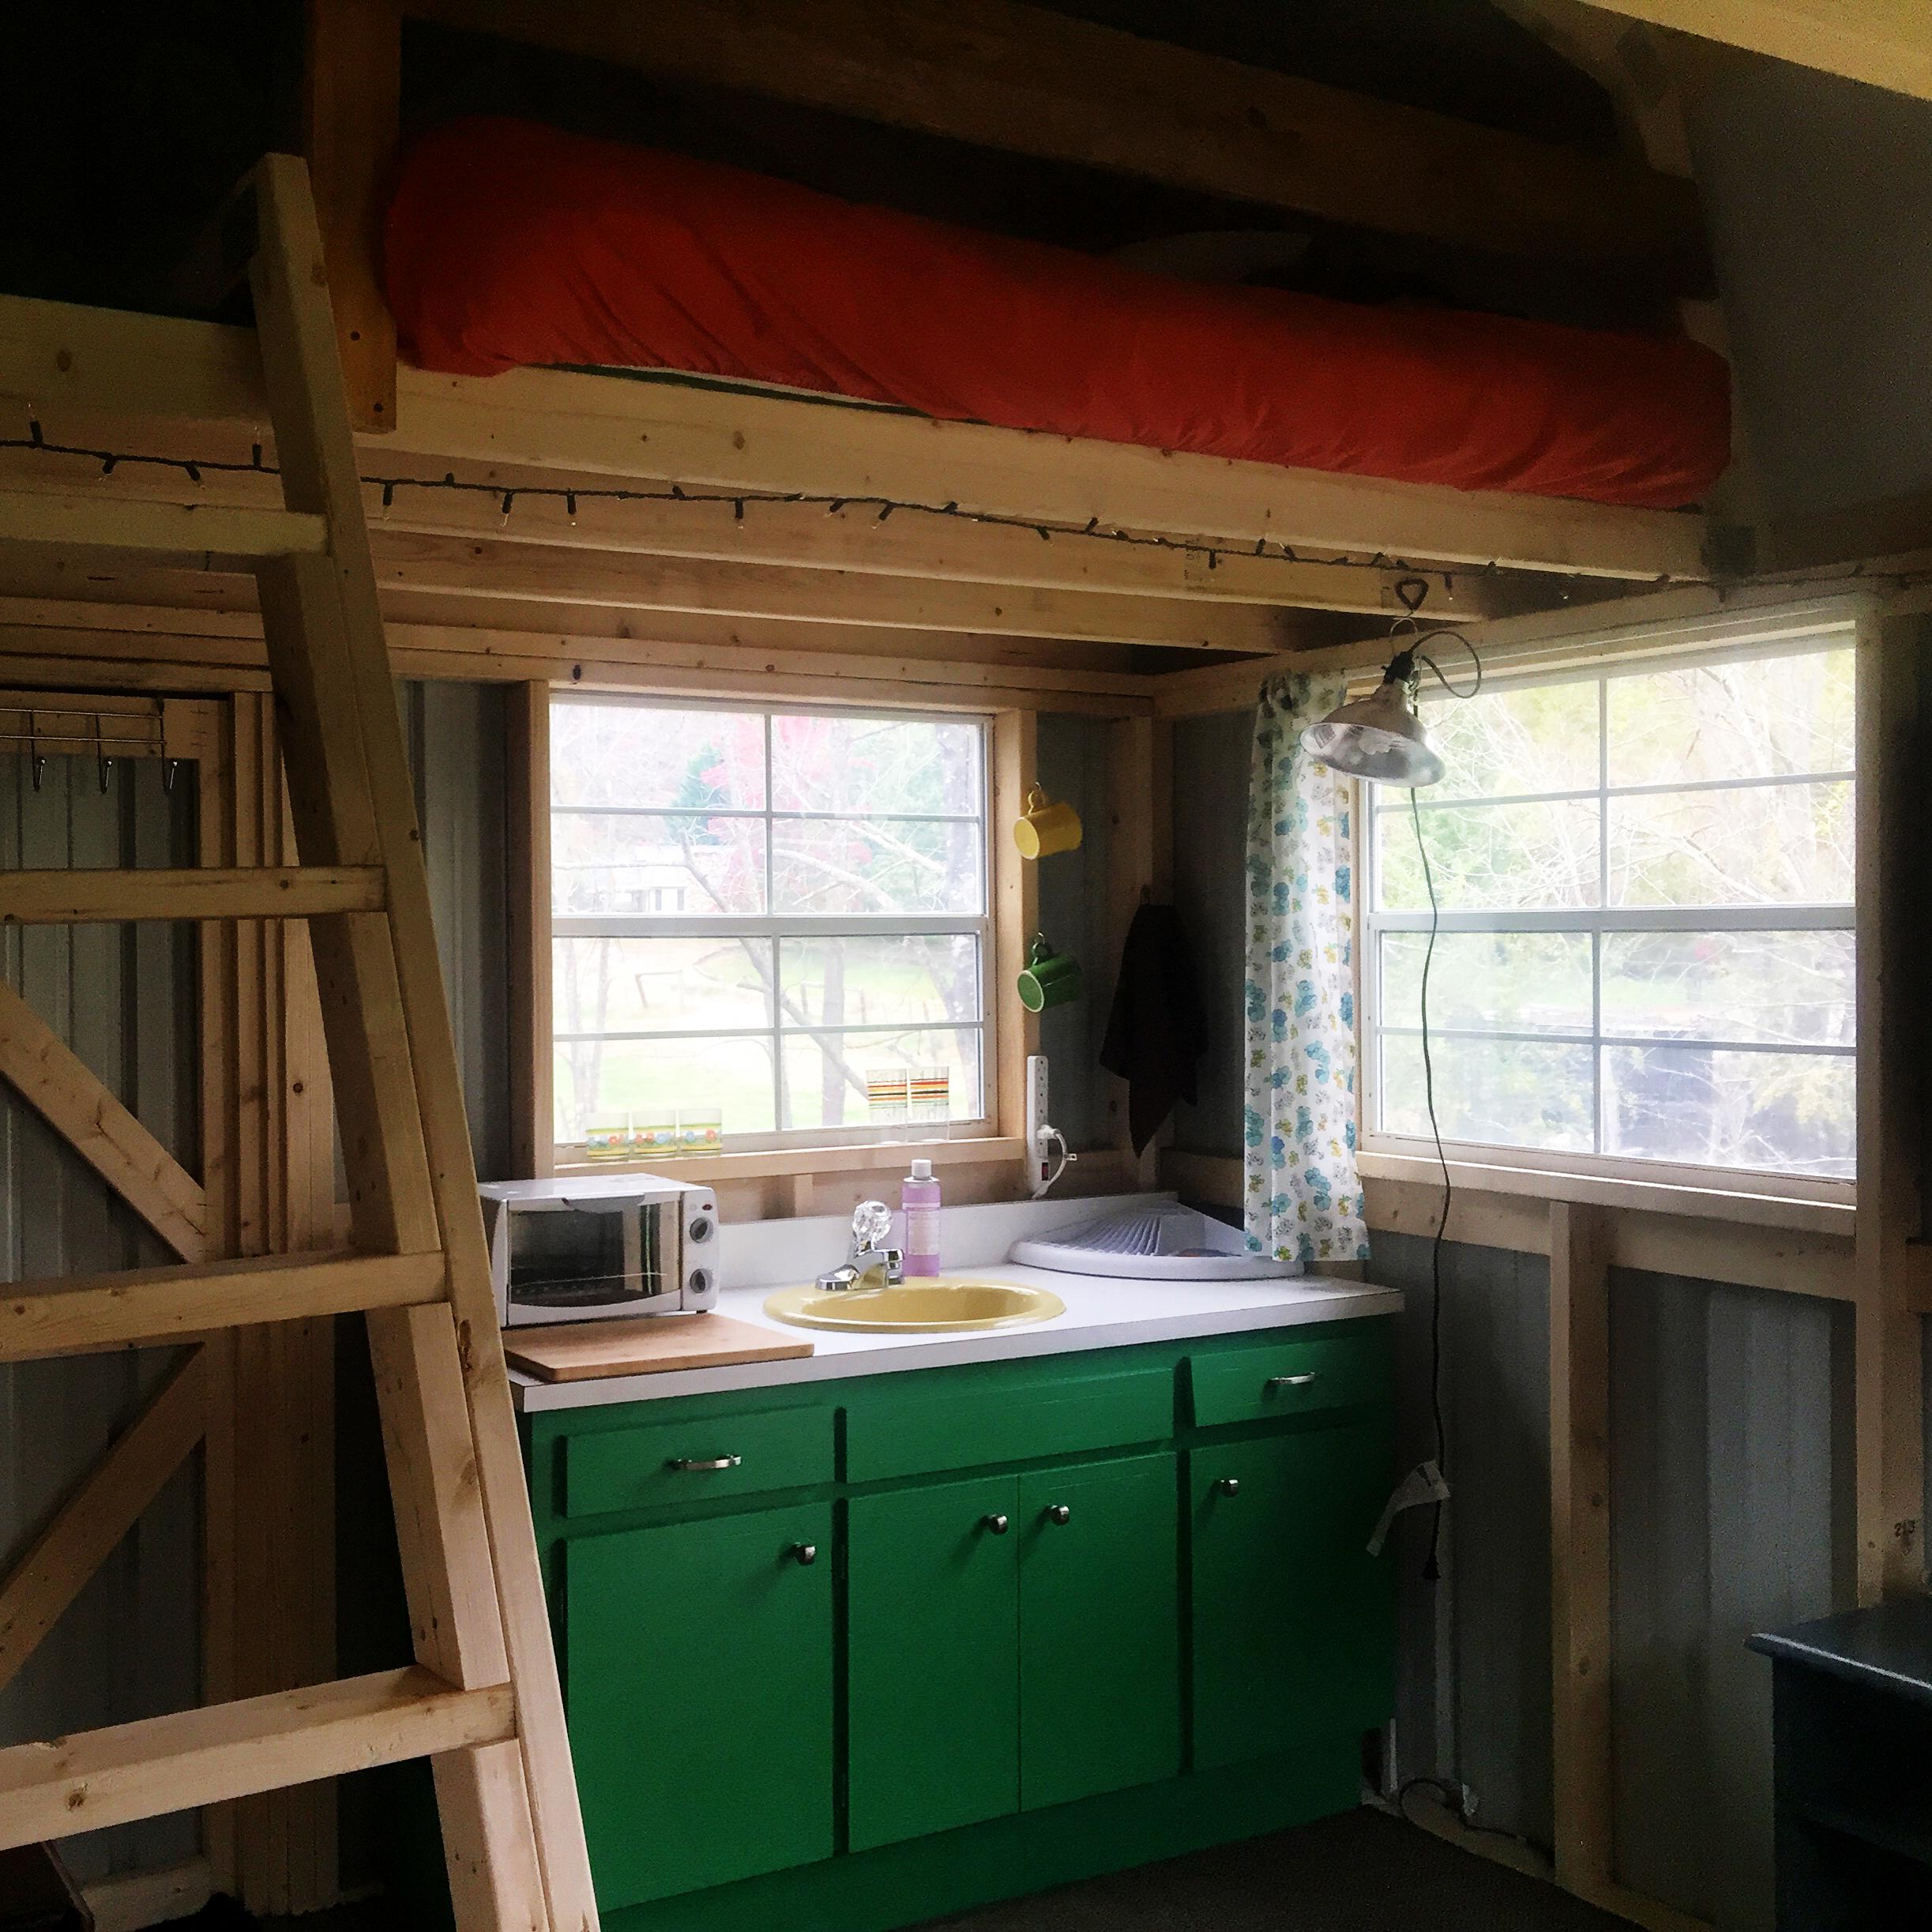 Sleeping loft & kitchenette